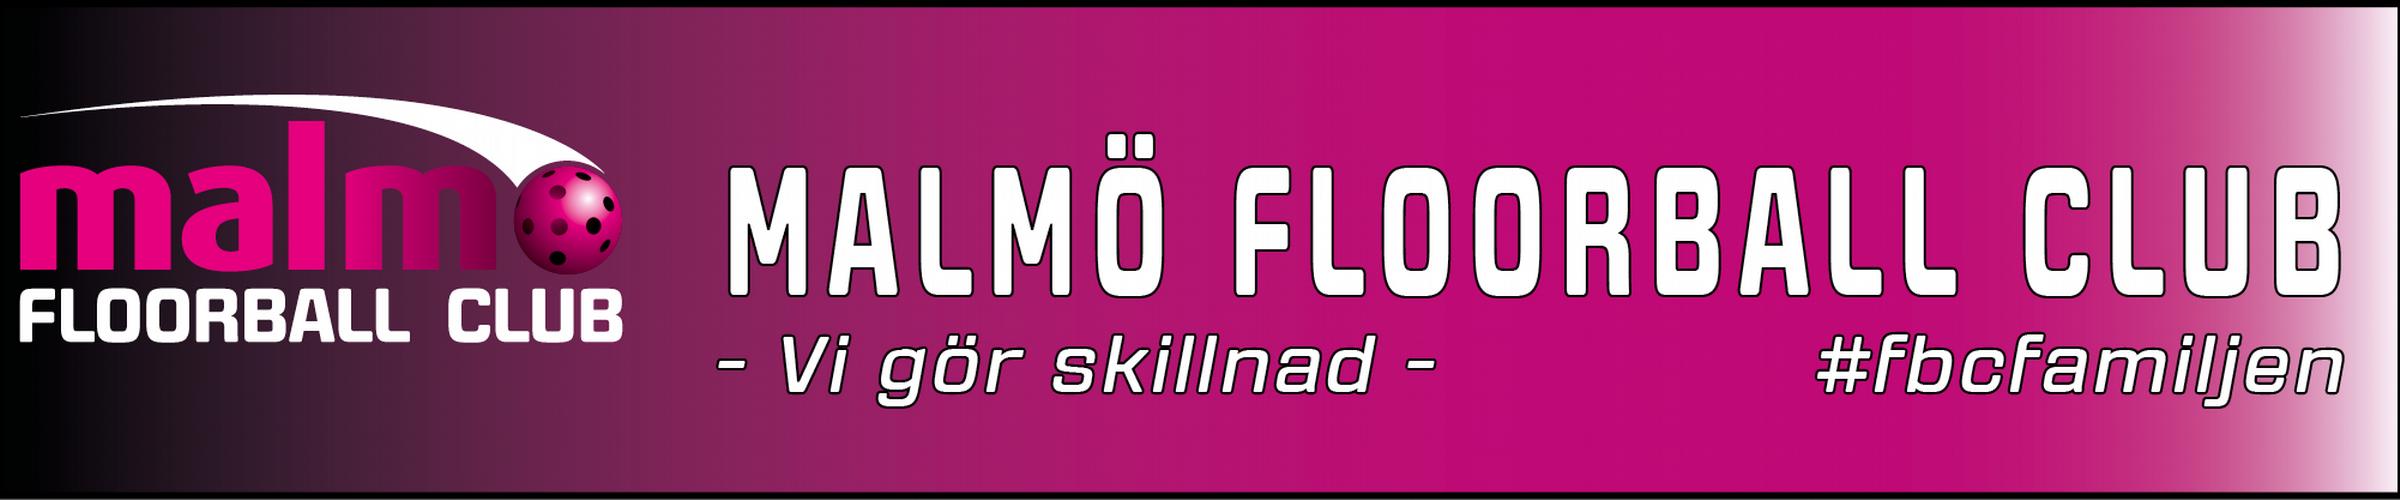 Pojkar 08-10 Slottsstaden - Malm Floorball Club